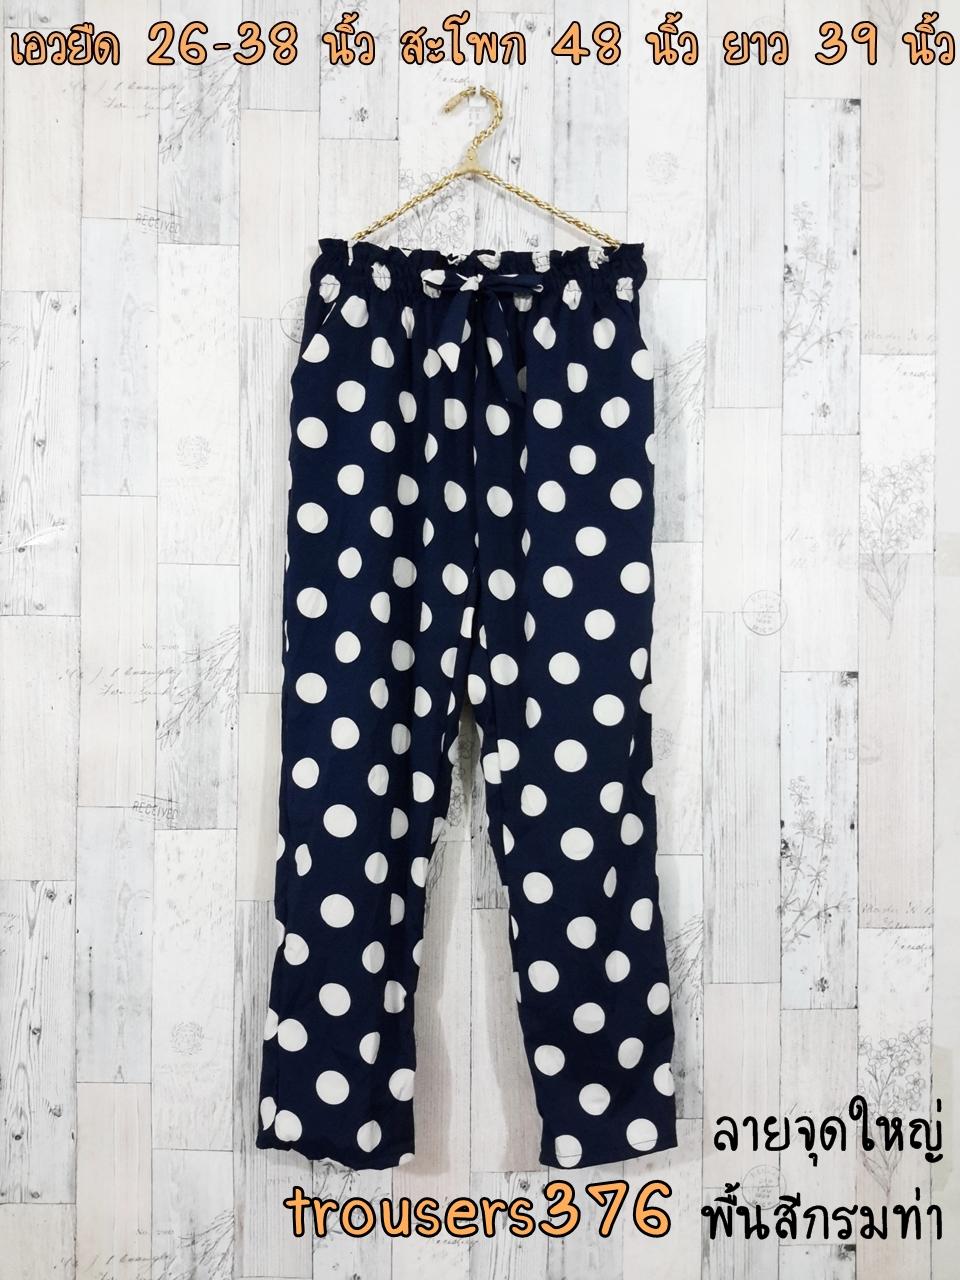 trousers376 กางเกงขายาวผ้าไหมอิตาลีเอวยืด 26-38 นิ้ว ลายจุดใหญ่พื้นสีกรมท่า